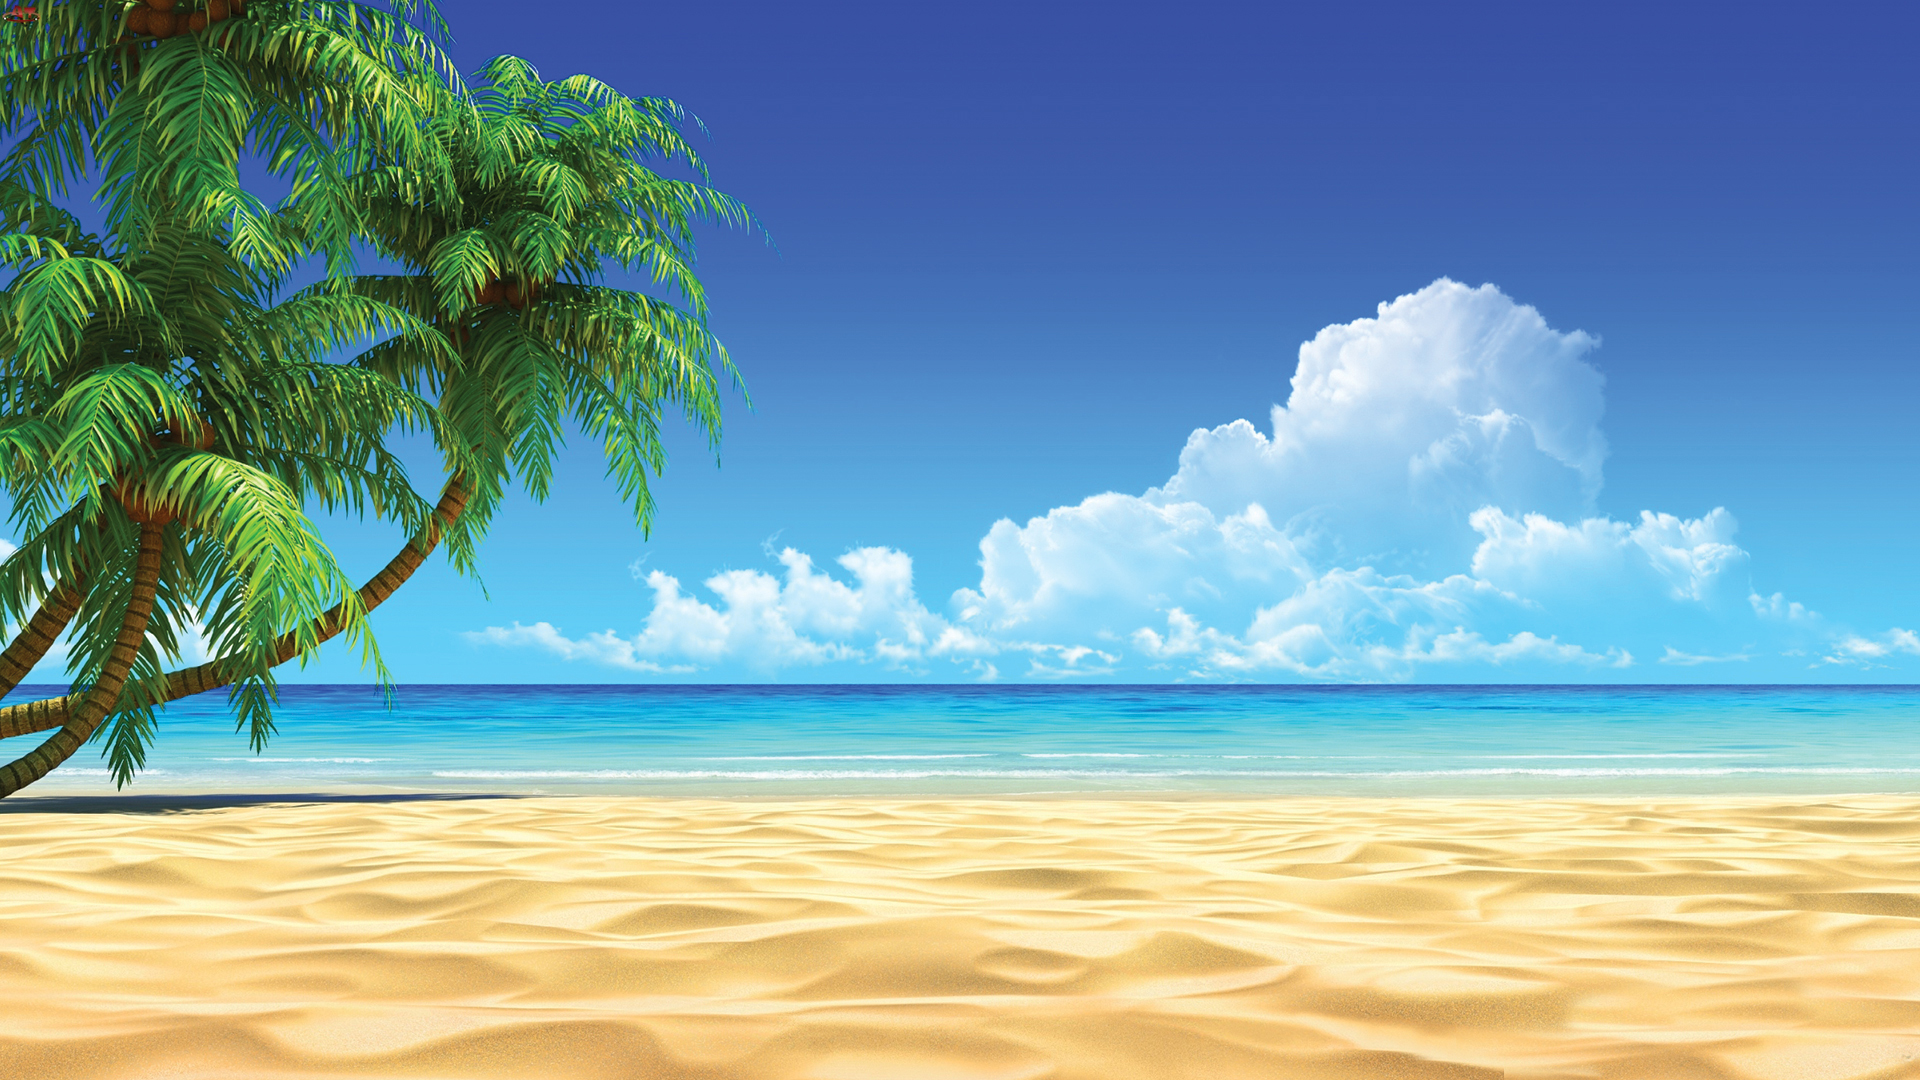 47+ Contoh Gambar Pemandangan Pantai Kartun